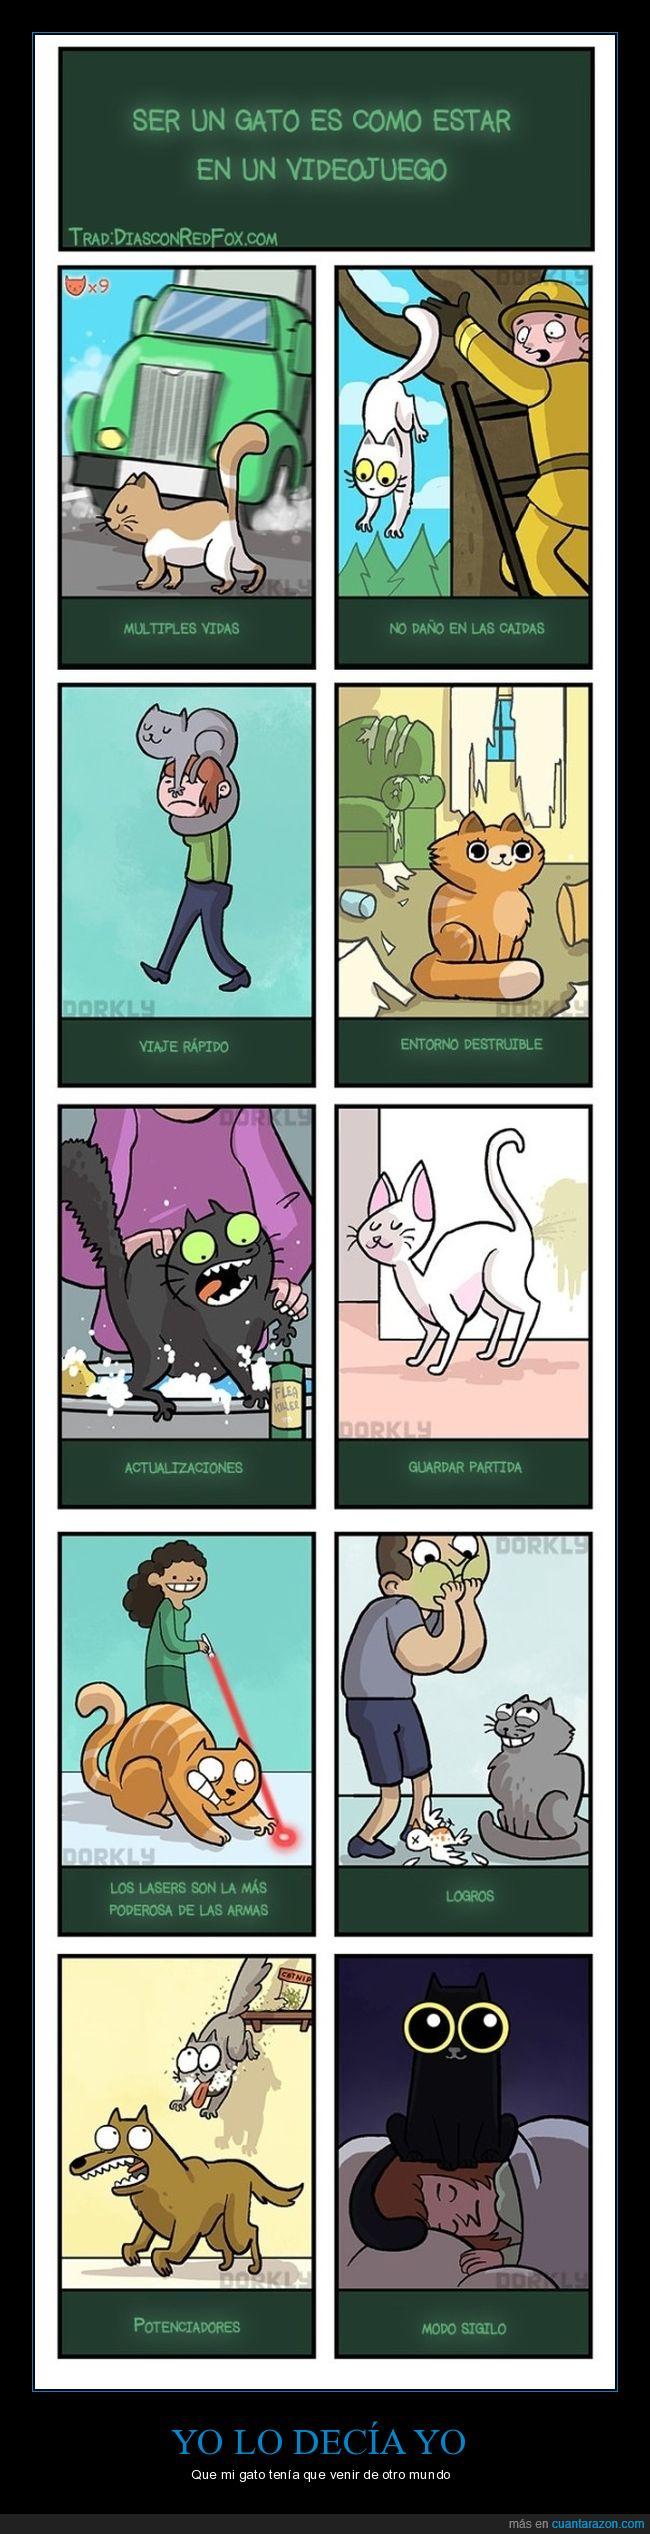 gatos,rpg,videojuegos